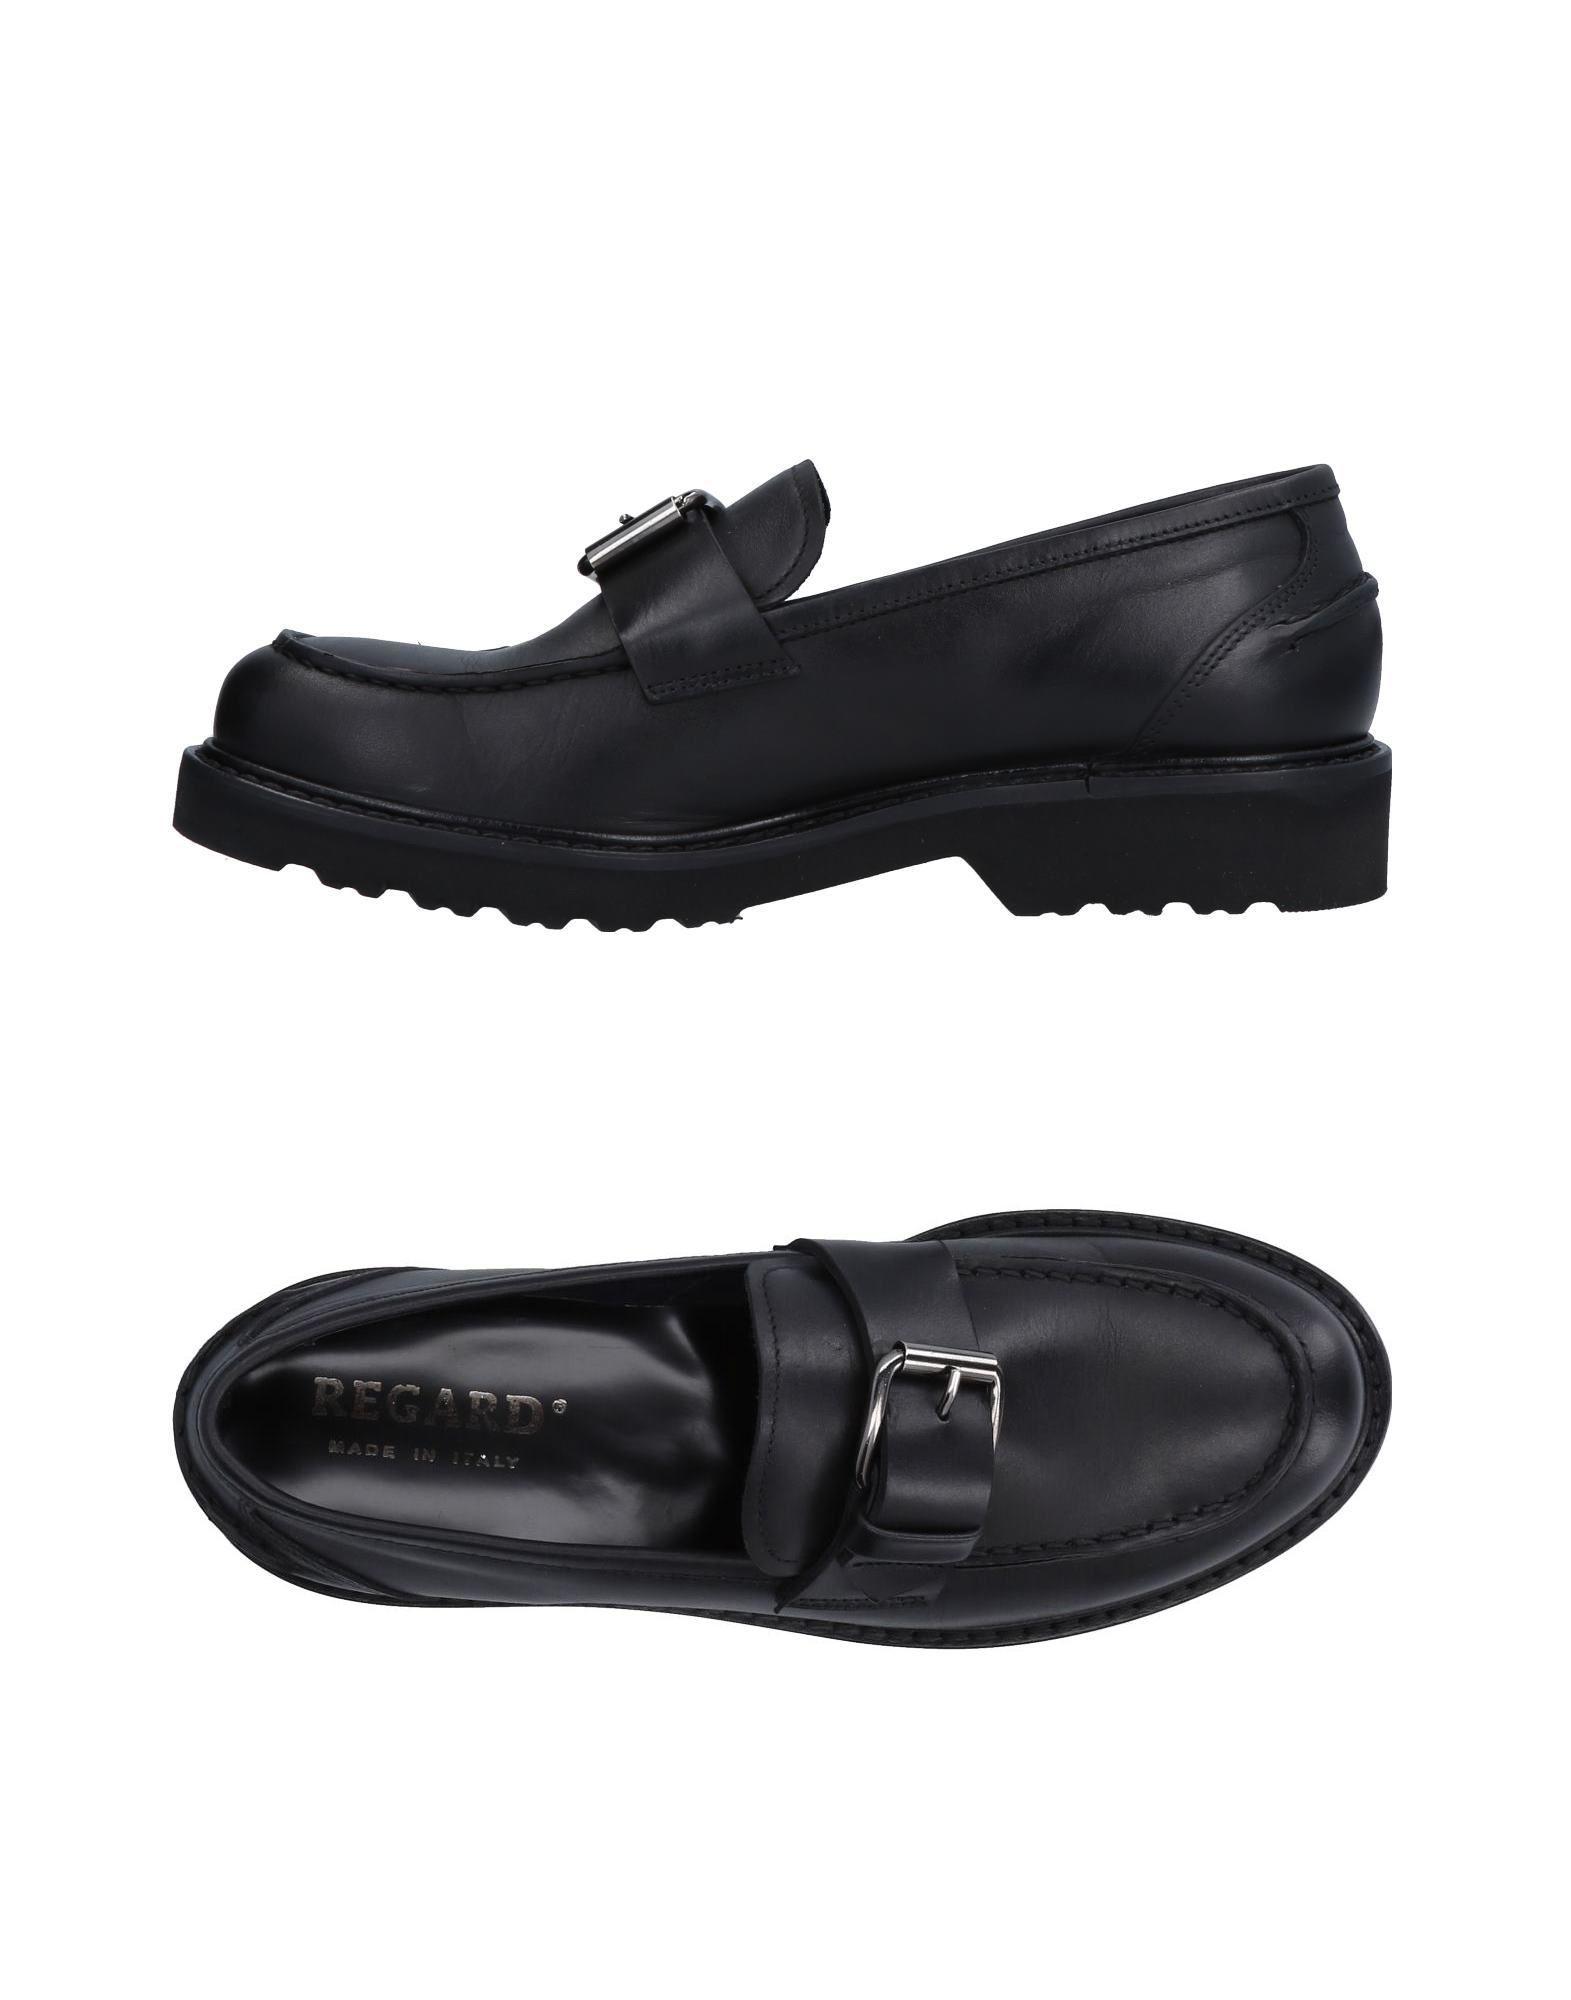 Regard Mokassins Damen  11502719SC Gute Qualität beliebte Schuhe